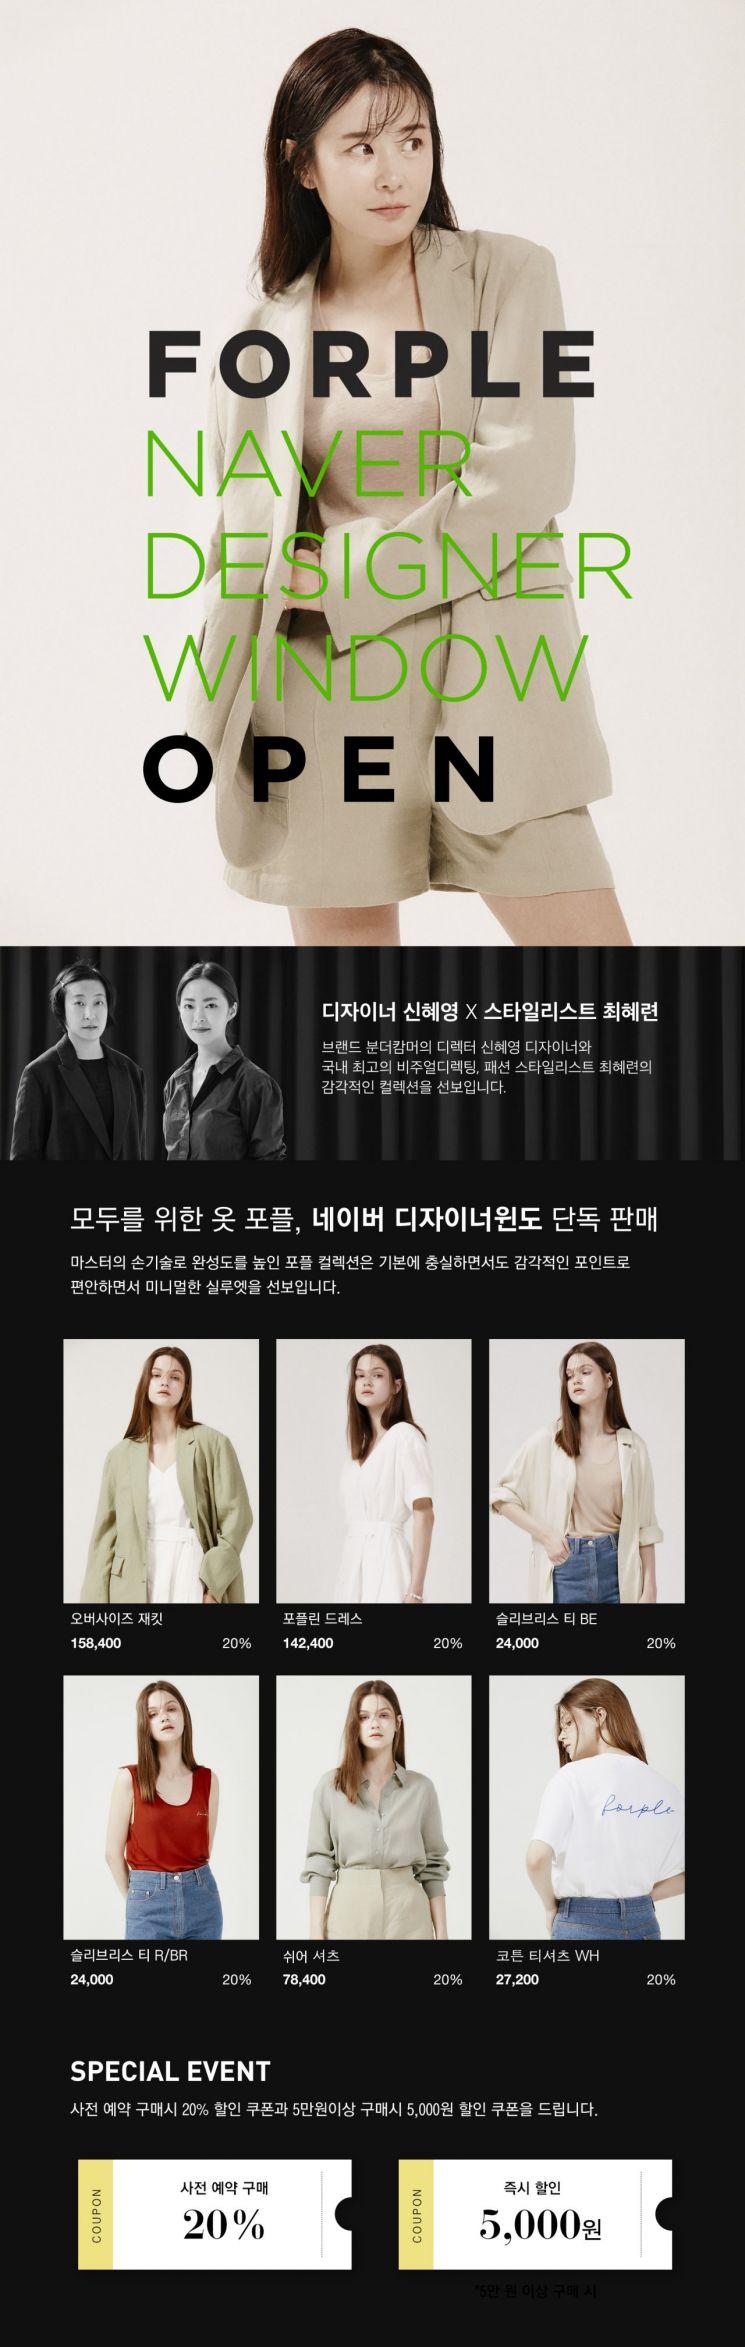 '패션봉제 메카' 중랑구 패션브랜드 '포플' 론칭